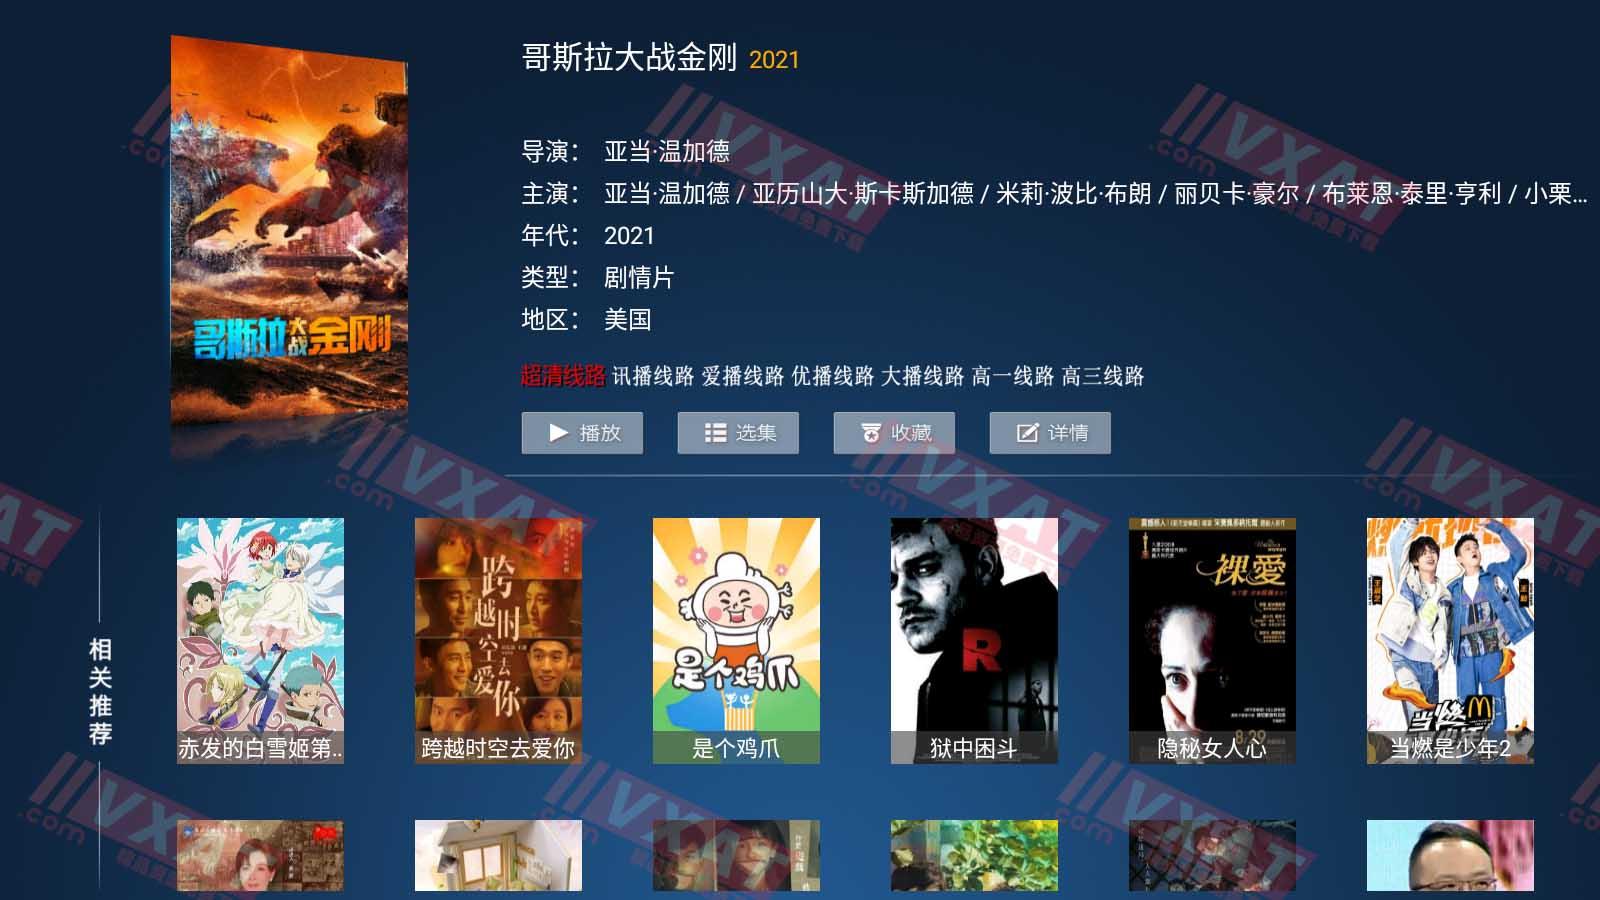 影酷TV_v1.1 电视版 第2张